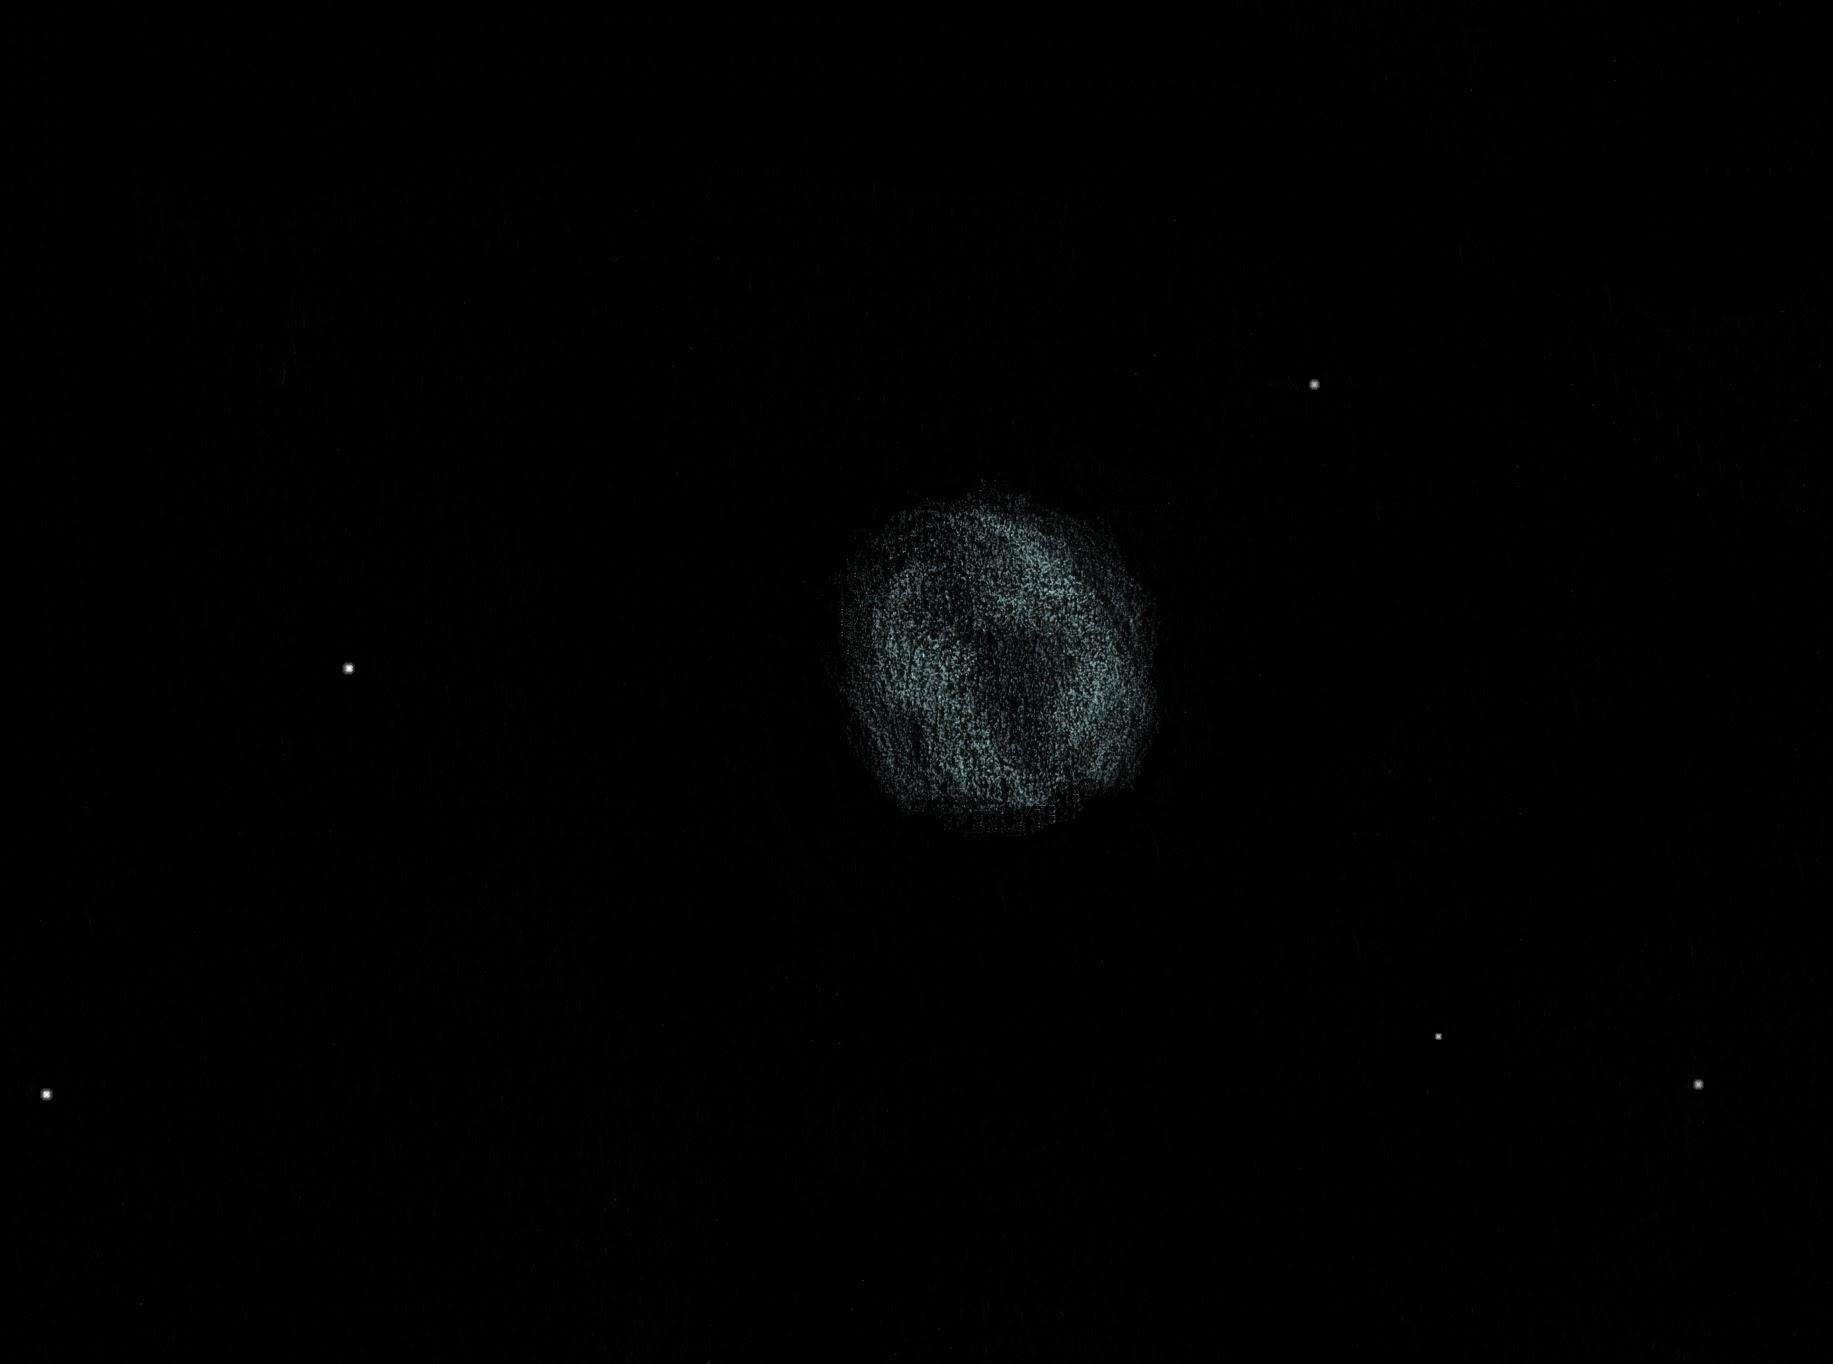 Photo: NGC 6818 dans le Sagittaire, «Little Gem» (près de la galaxie de Barnard). 440X et OIII. T406, Restefond 2017. Jolie nébulosité qui me rappelle un peu ngc 1514 (en nettement plus petite) à cause des deux lèvres irrégulières.